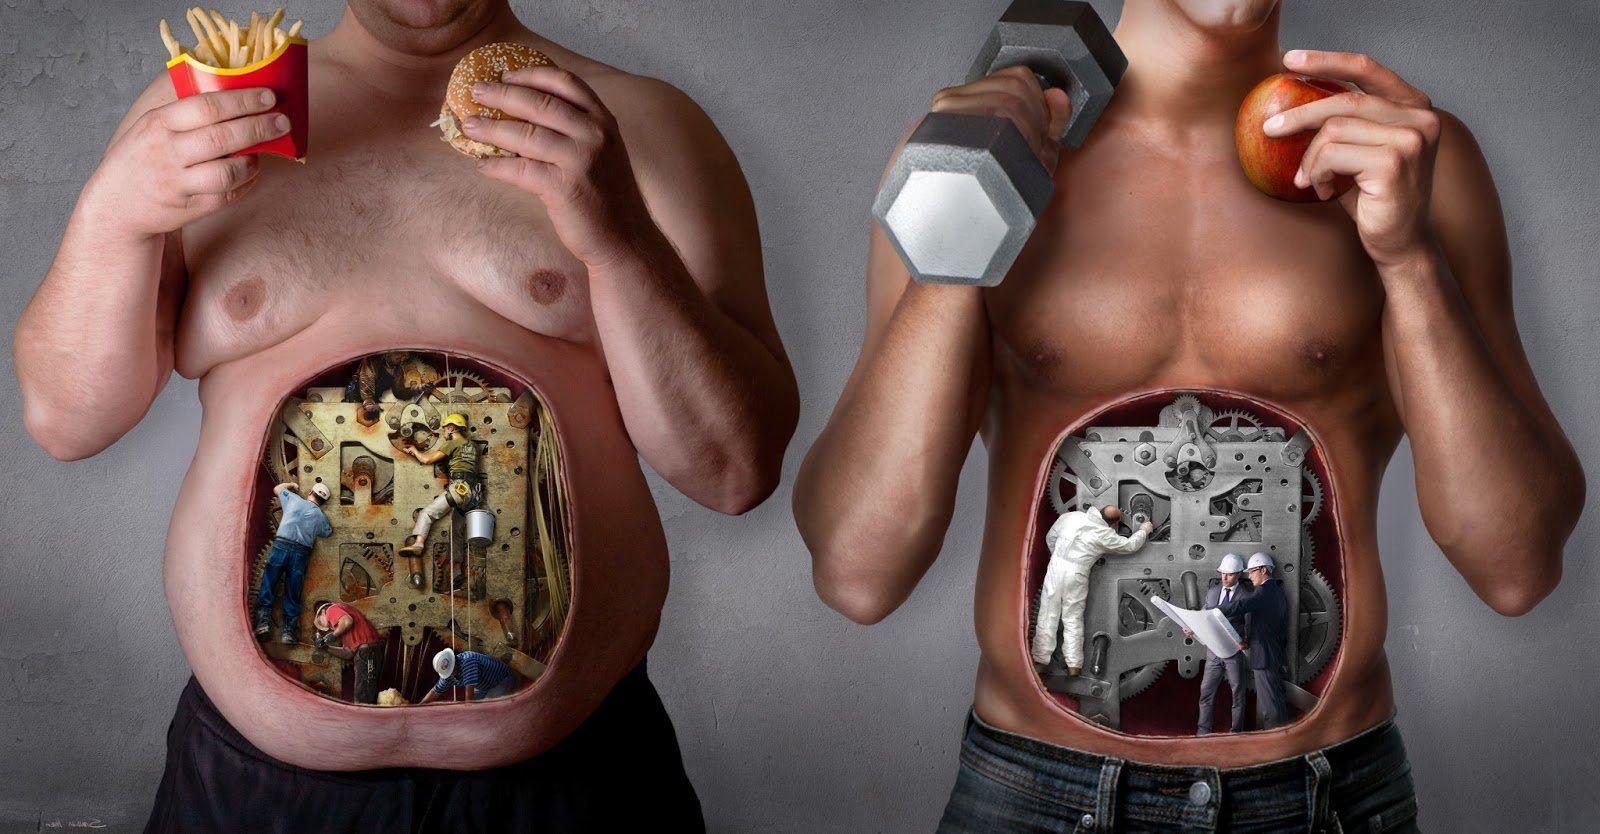 Метаболизм. Что, как ускорить, как похудеть, как улучшить